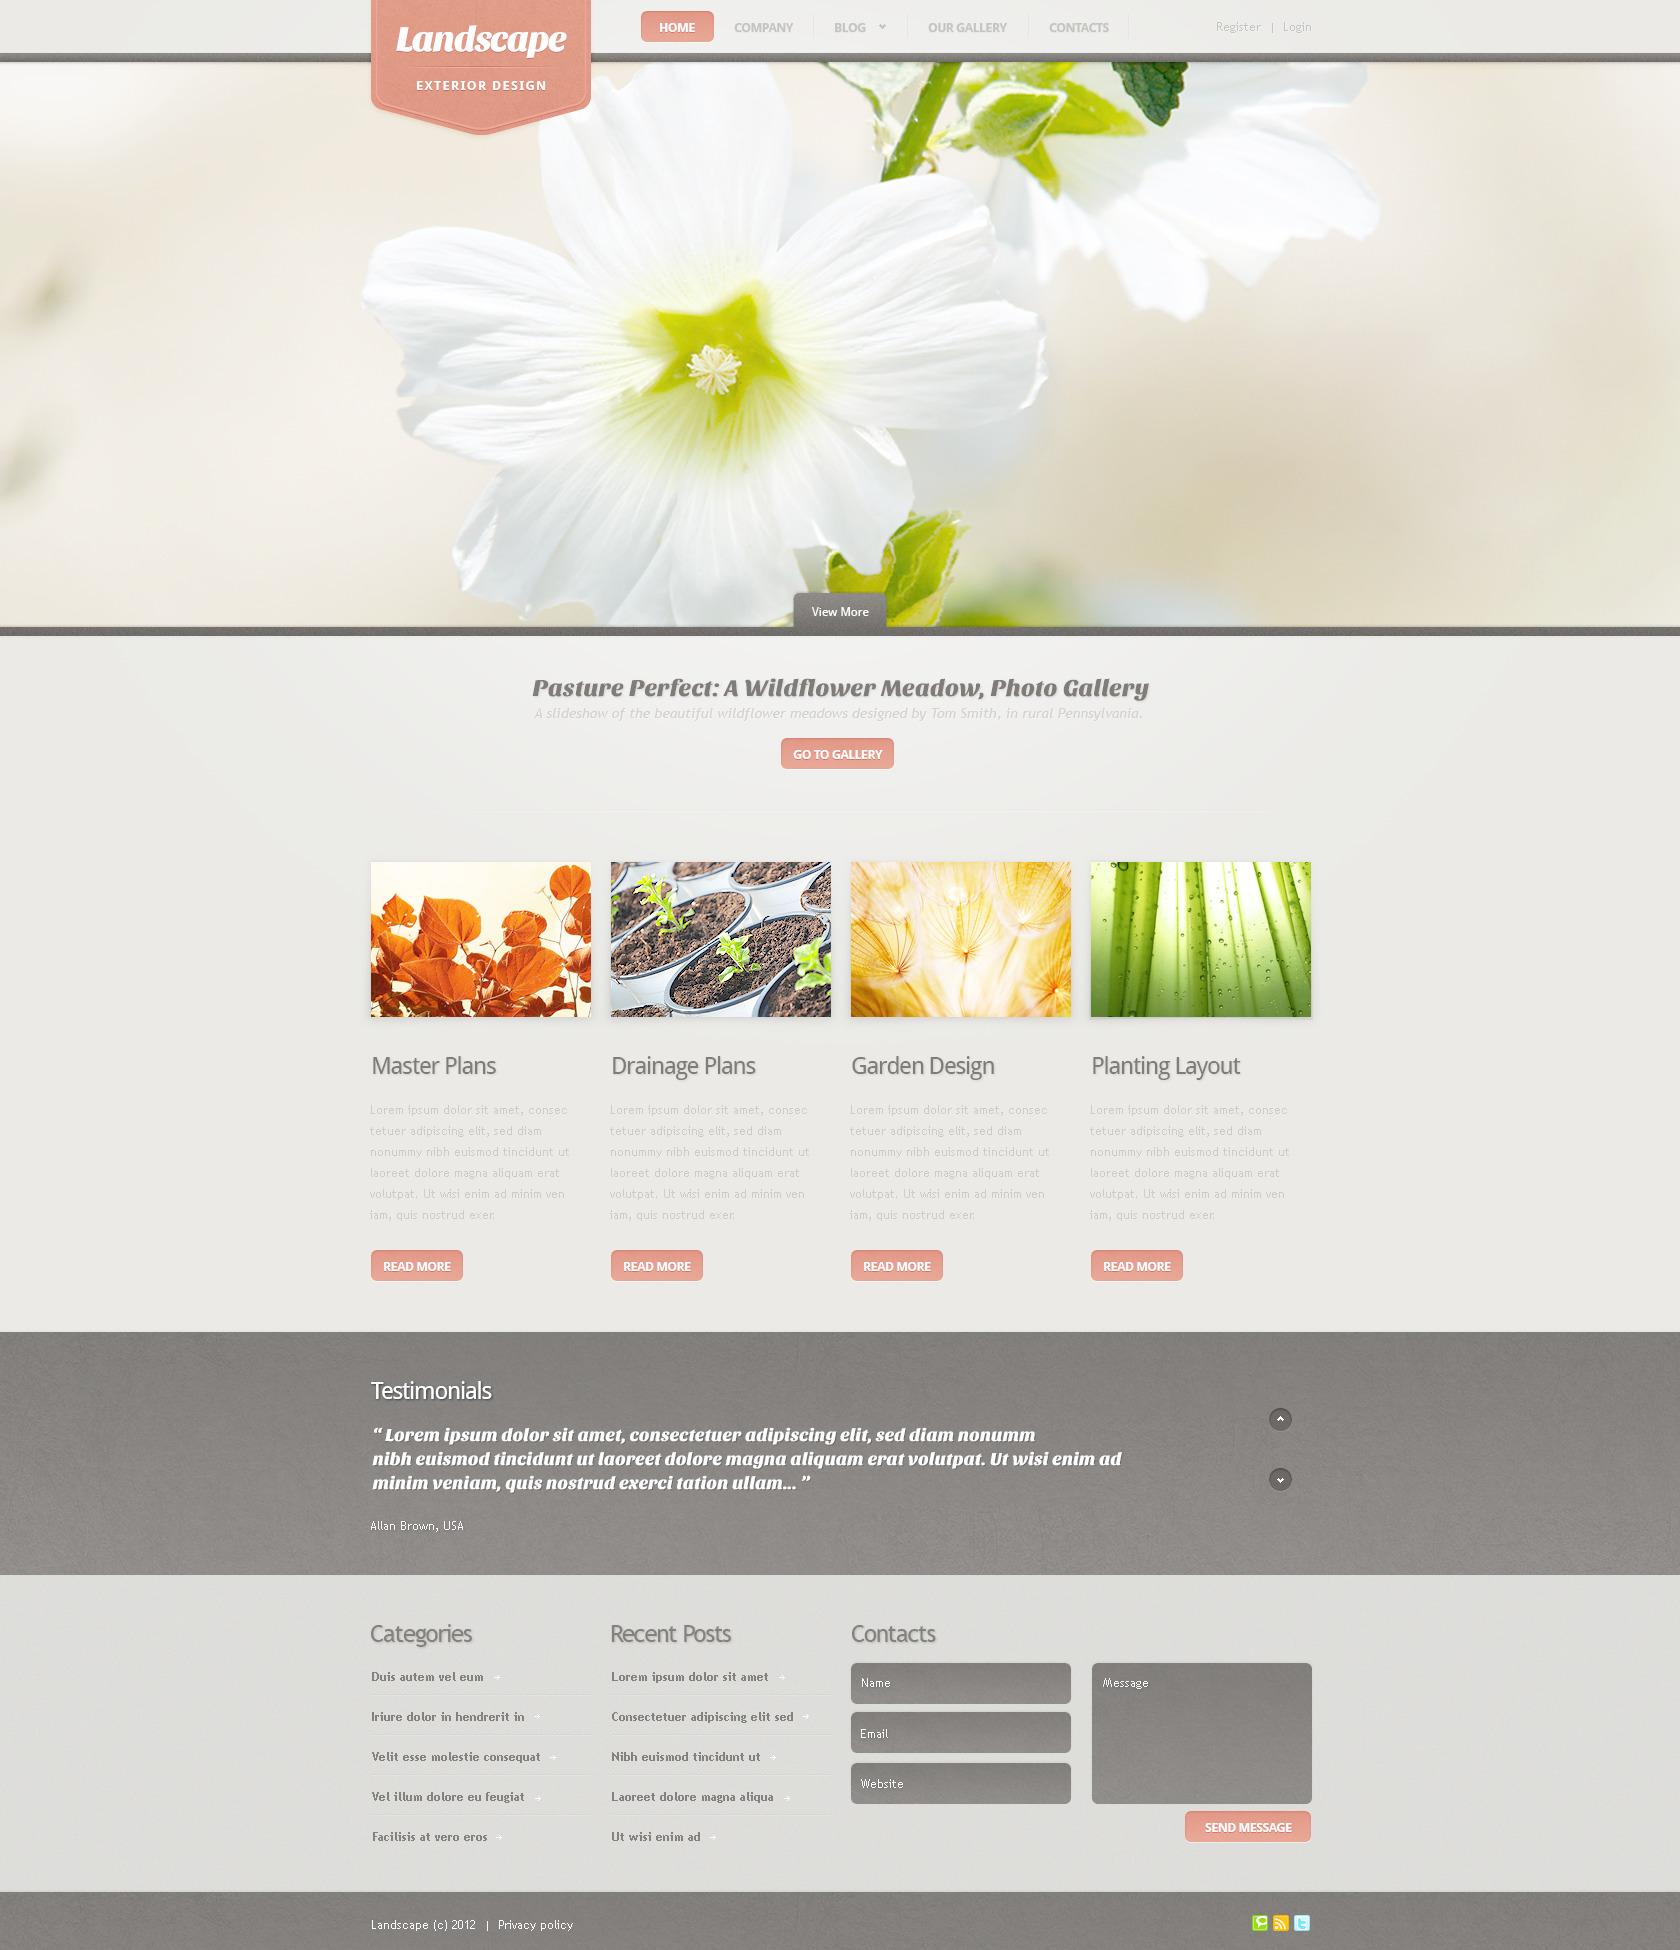 Template Photoshop para Sites de Design de Paisagem №57295 - screenshot